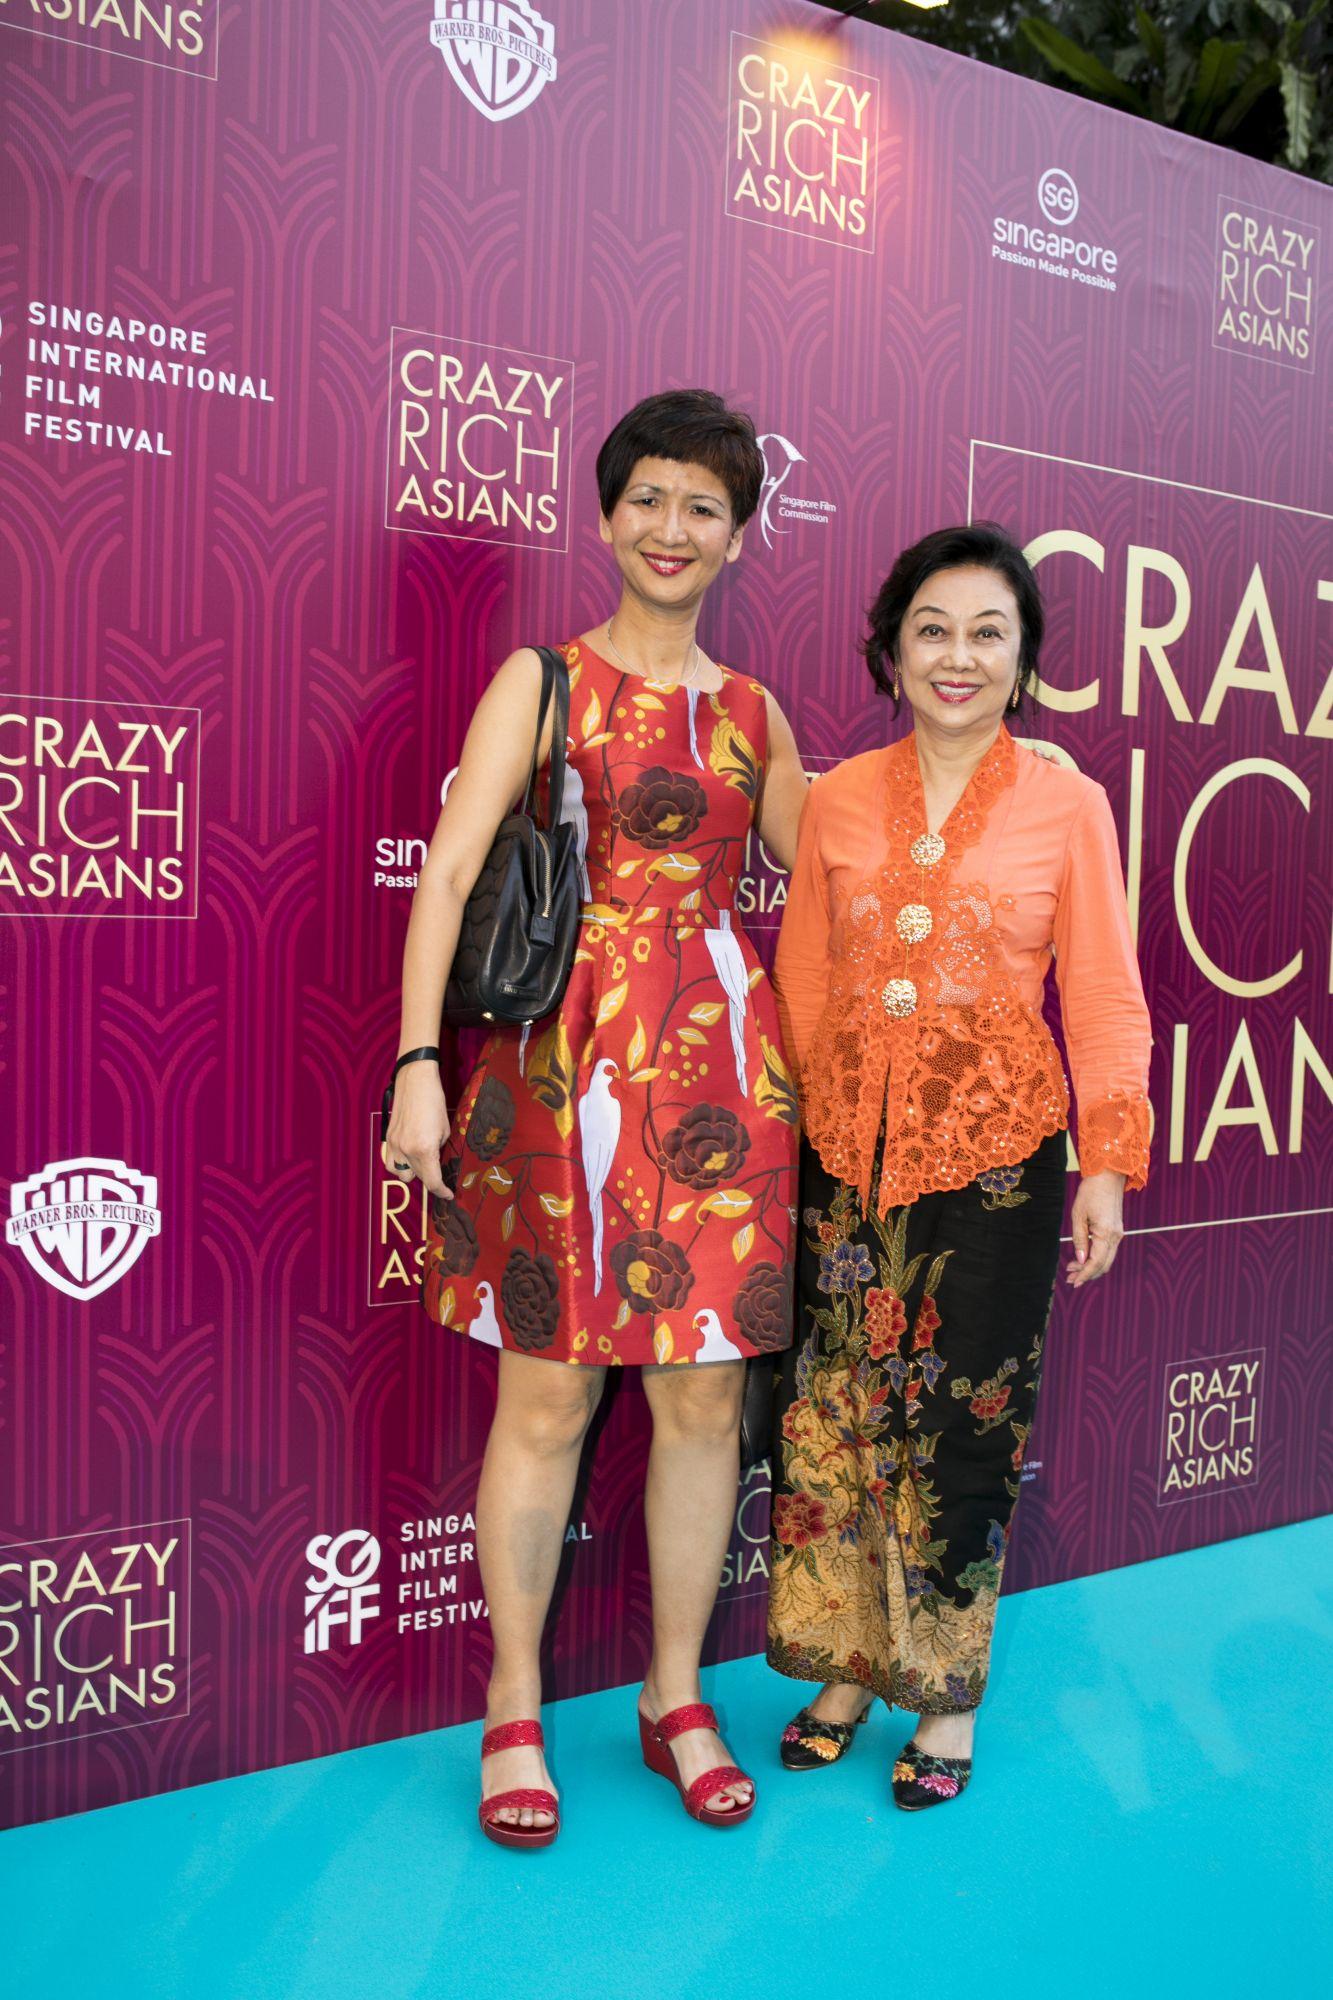 Winifred Loh, Ong Su-Chzeng